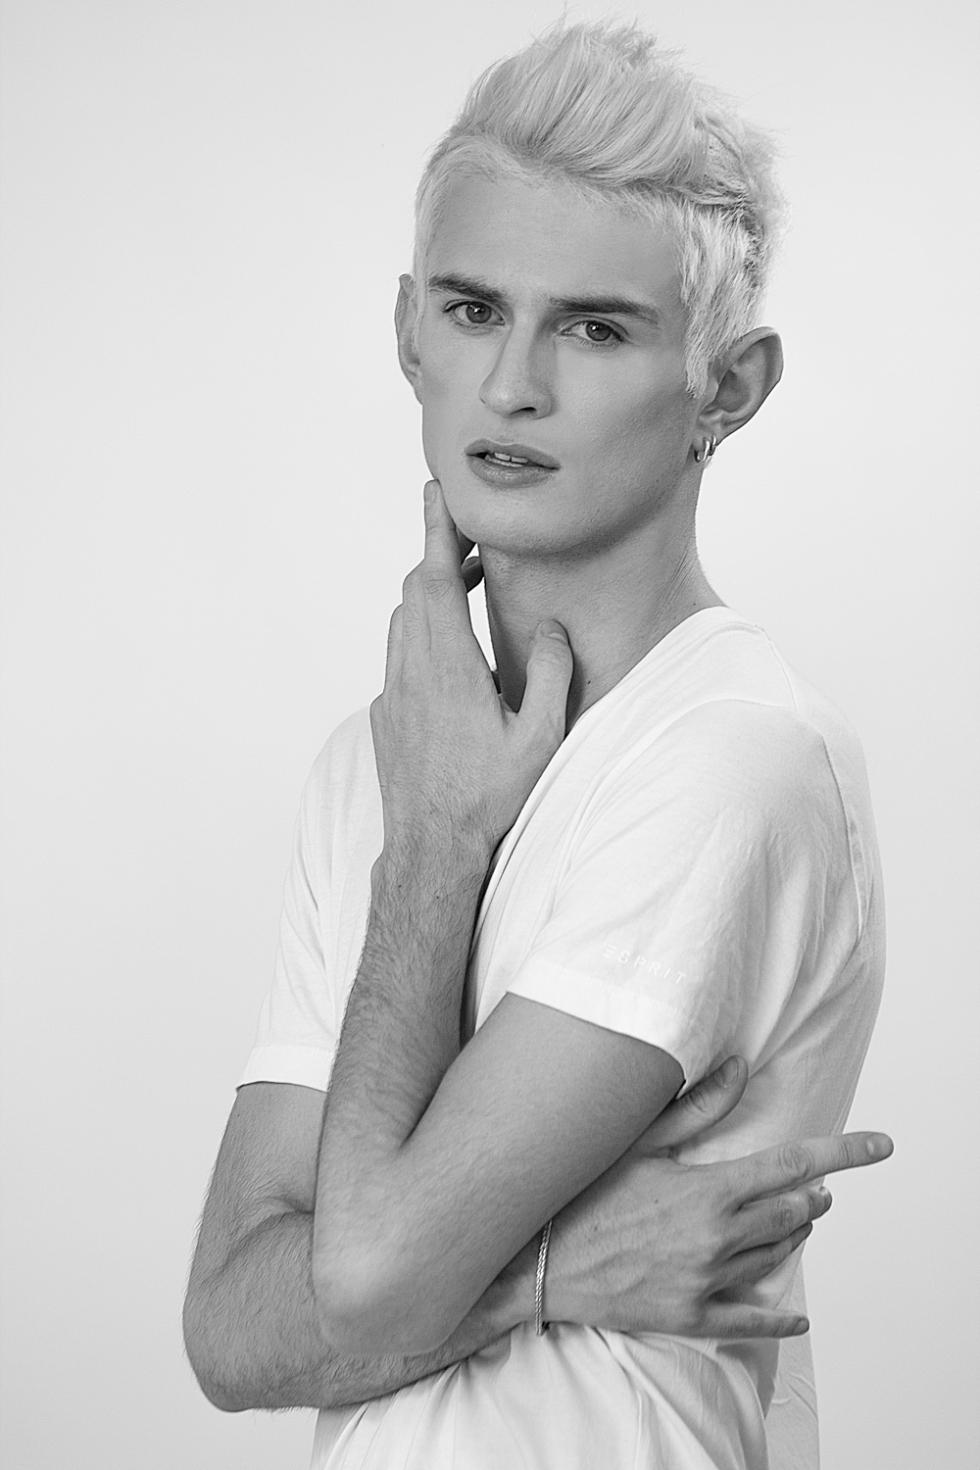 Test shoot with new face Adrian Nemi, shot by Chilean Photographer René de la Cruz. Make up & Hair: Tobias Sevilla